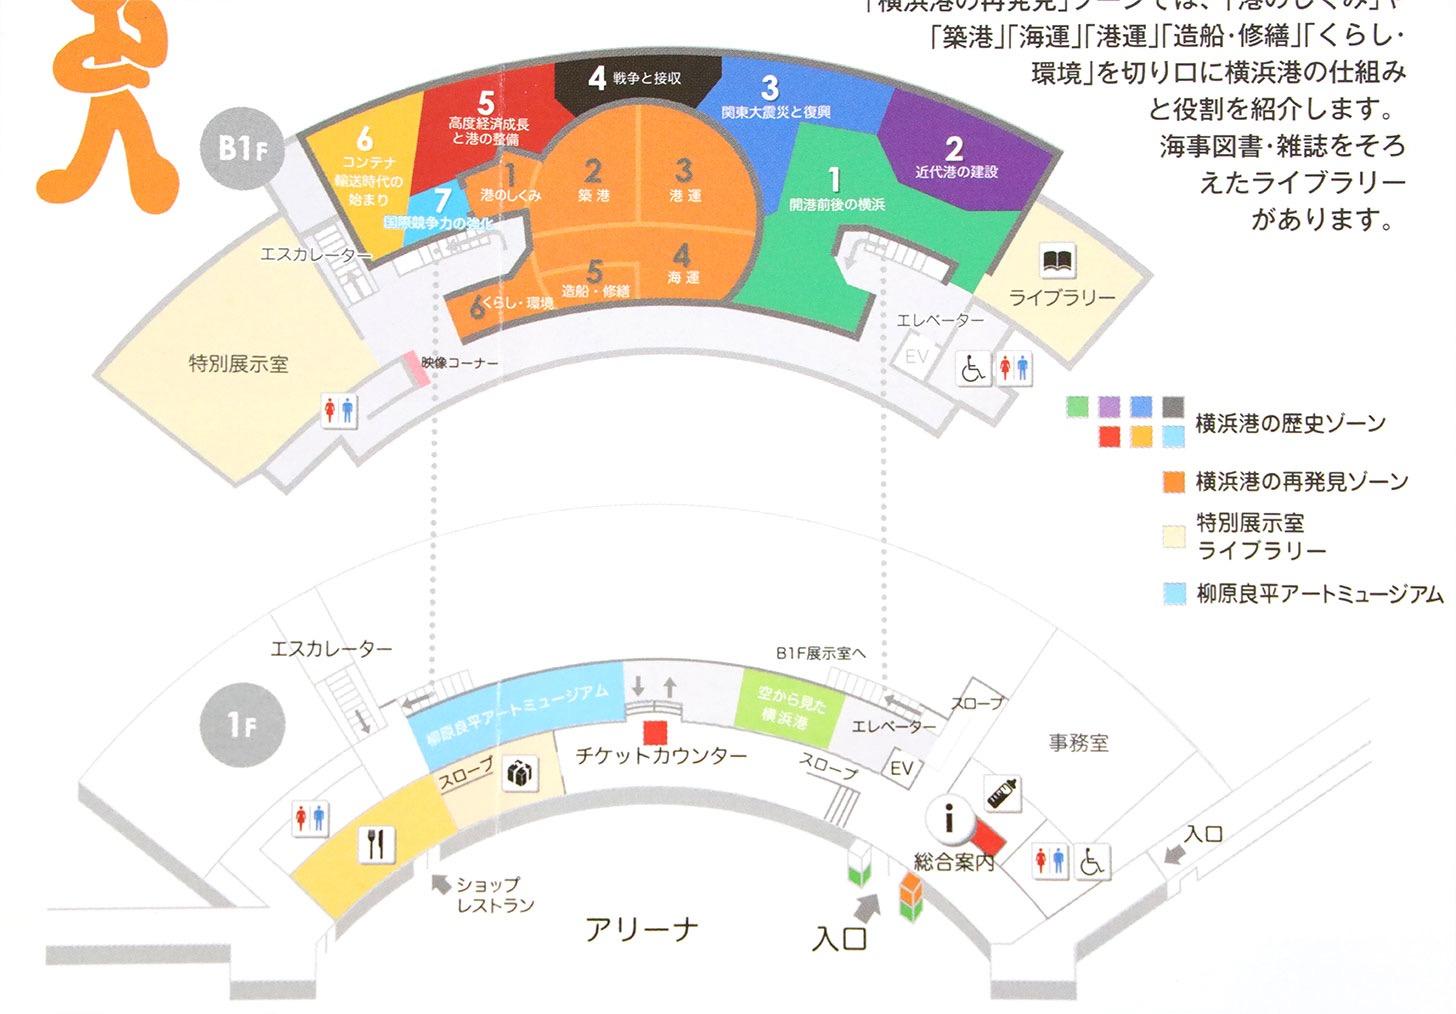 横浜みなと博物館 フロアマップ パンフレット